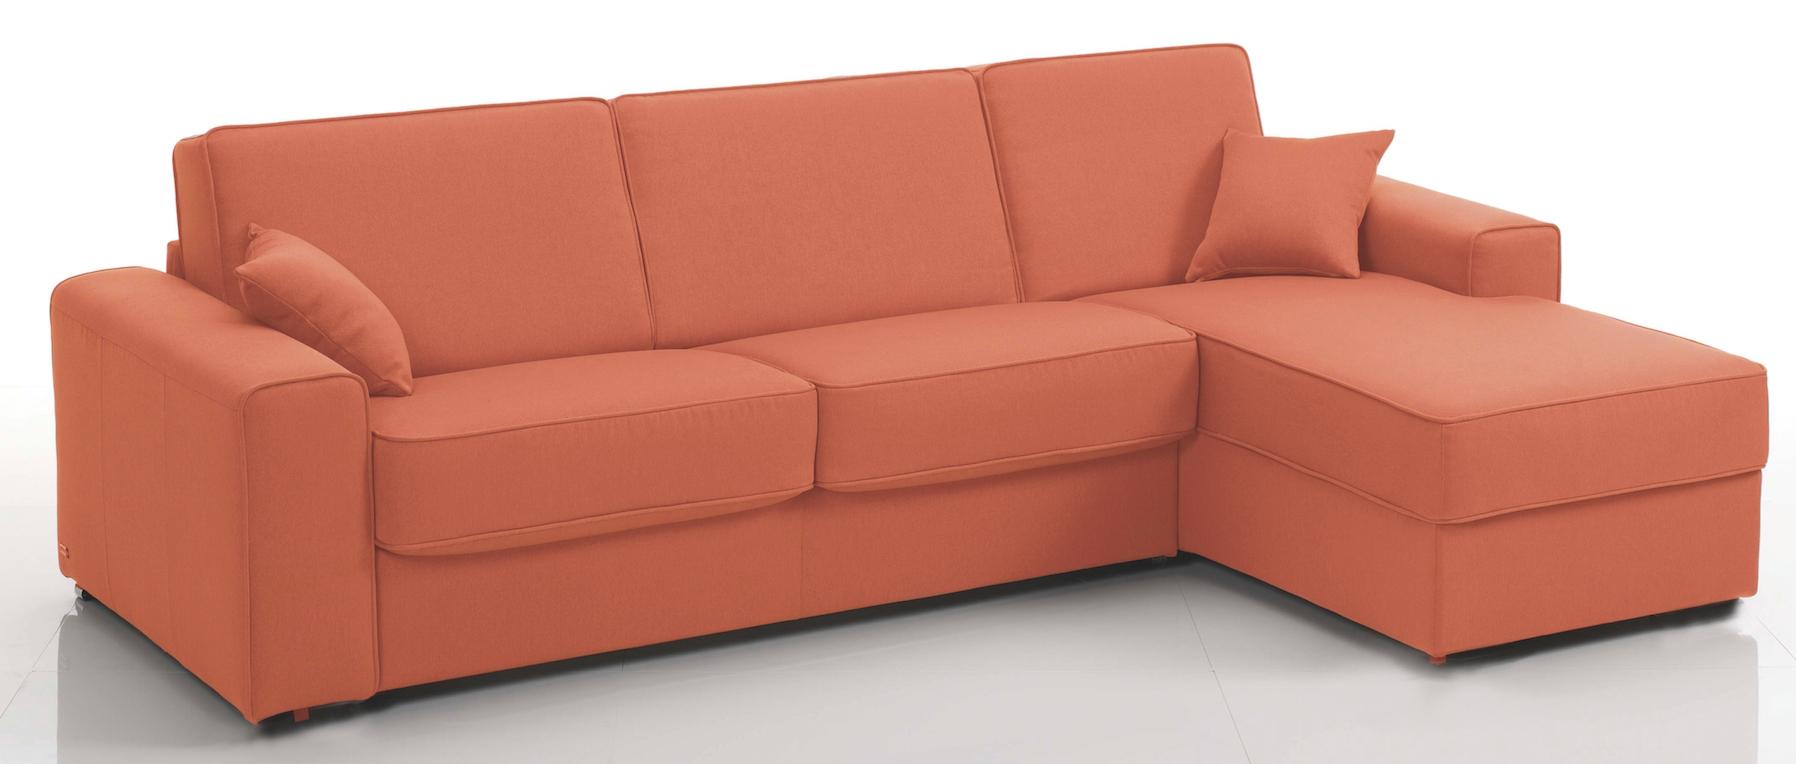 canap d 39 angle convertible rev tement microfibre orange sunrise mod le 3 places. Black Bedroom Furniture Sets. Home Design Ideas